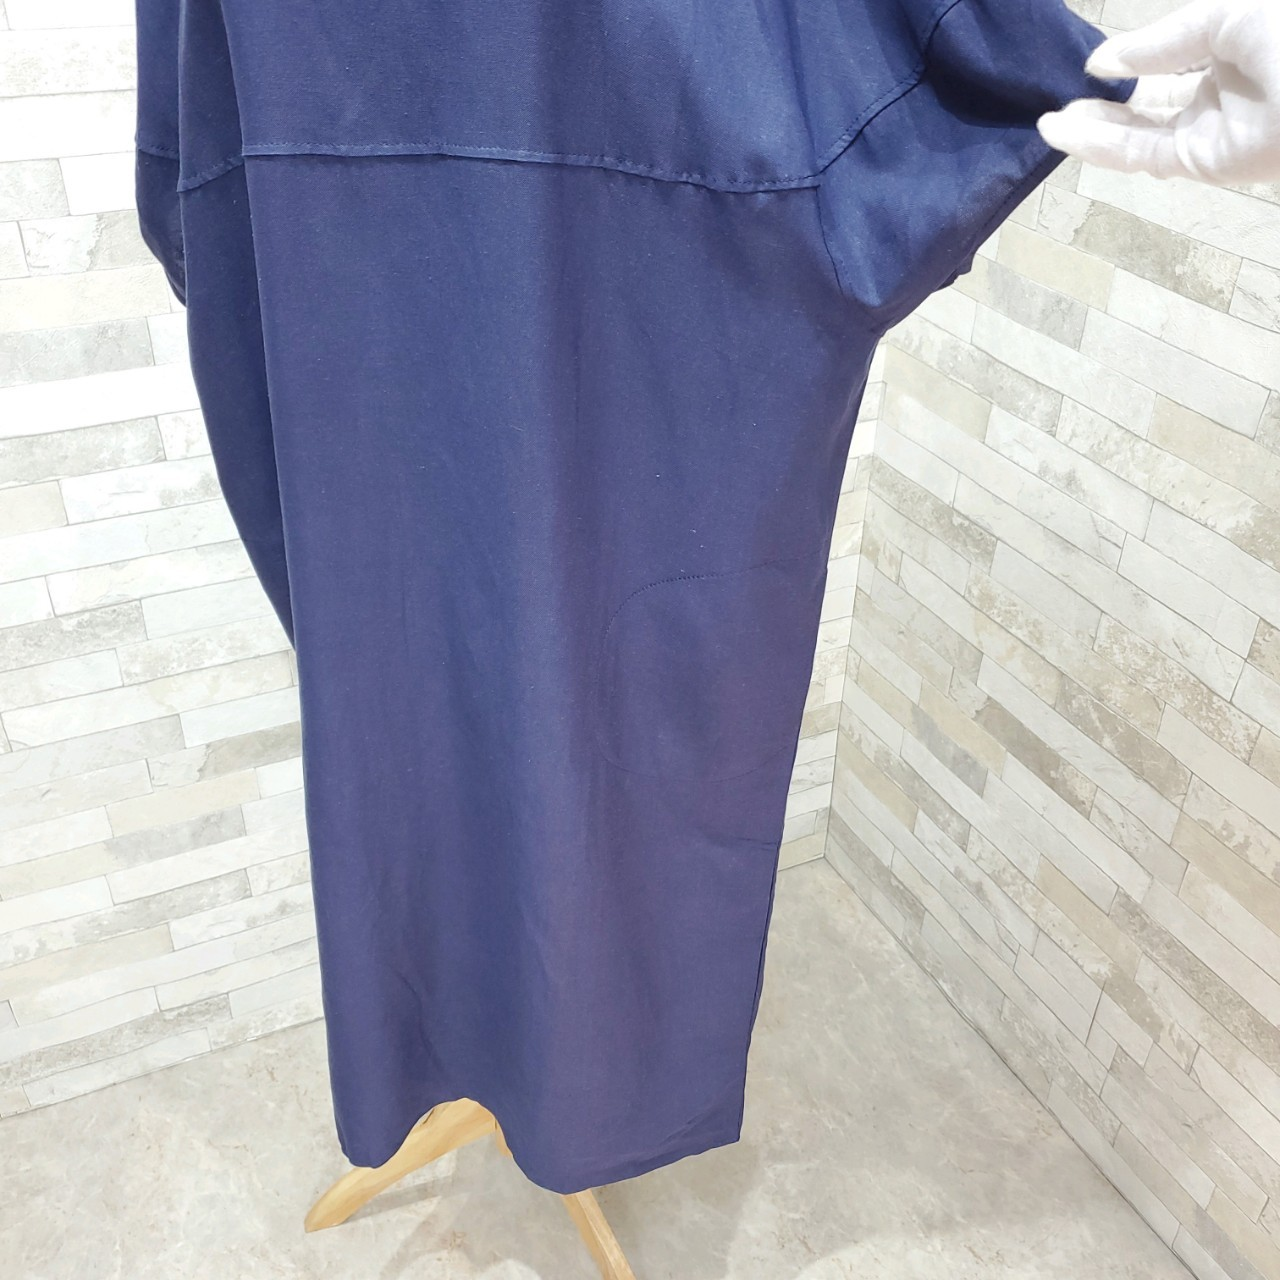 韓国 ファッション ワンピース 春 夏 カジュアル PTXI416  袖コンシャス ゆったり 体型カバー ラフ オルチャン シンプル 定番 セレカジの写真13枚目